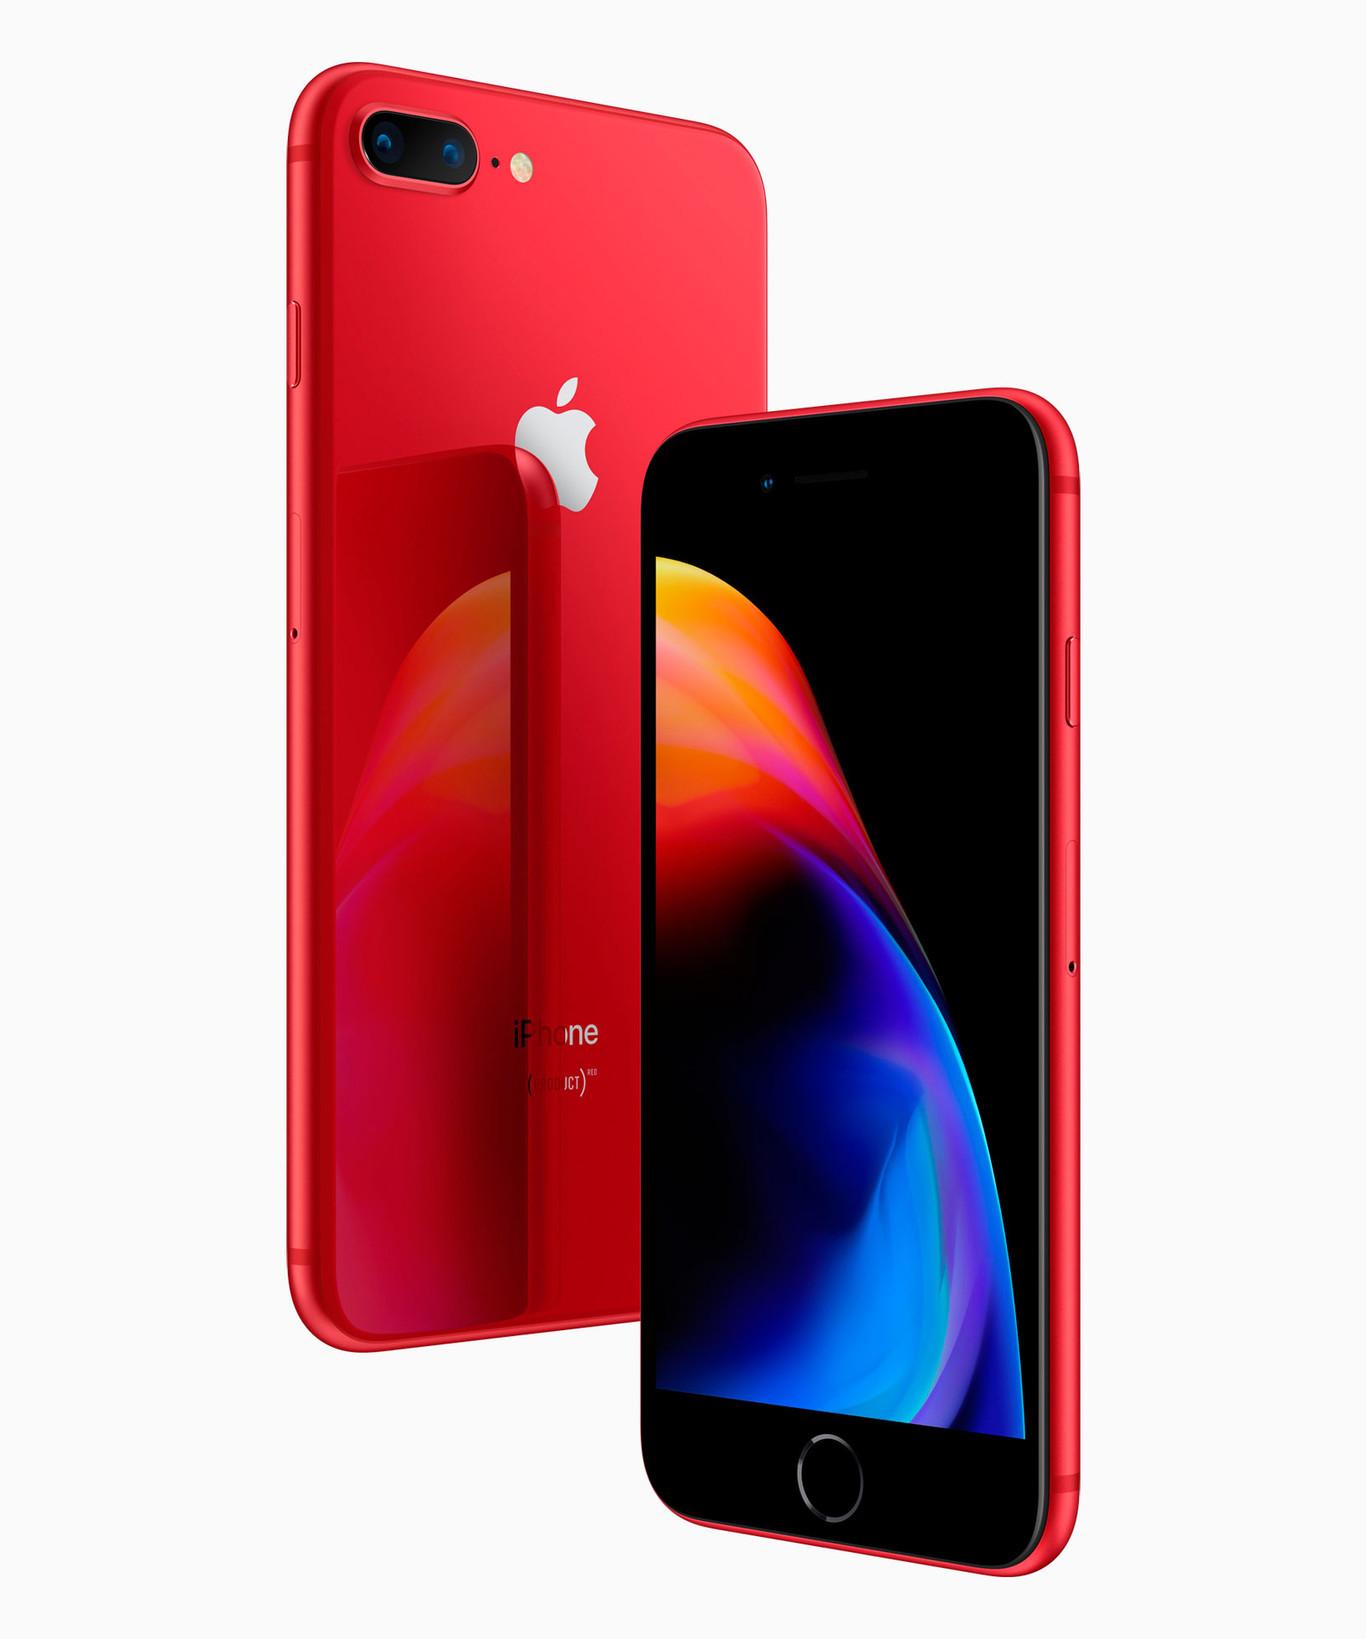 60b71e4d6c6 Nuevos iPhone 8 y 8 Plus (PRODUCT)RED: características, precio y ficha  técnica.